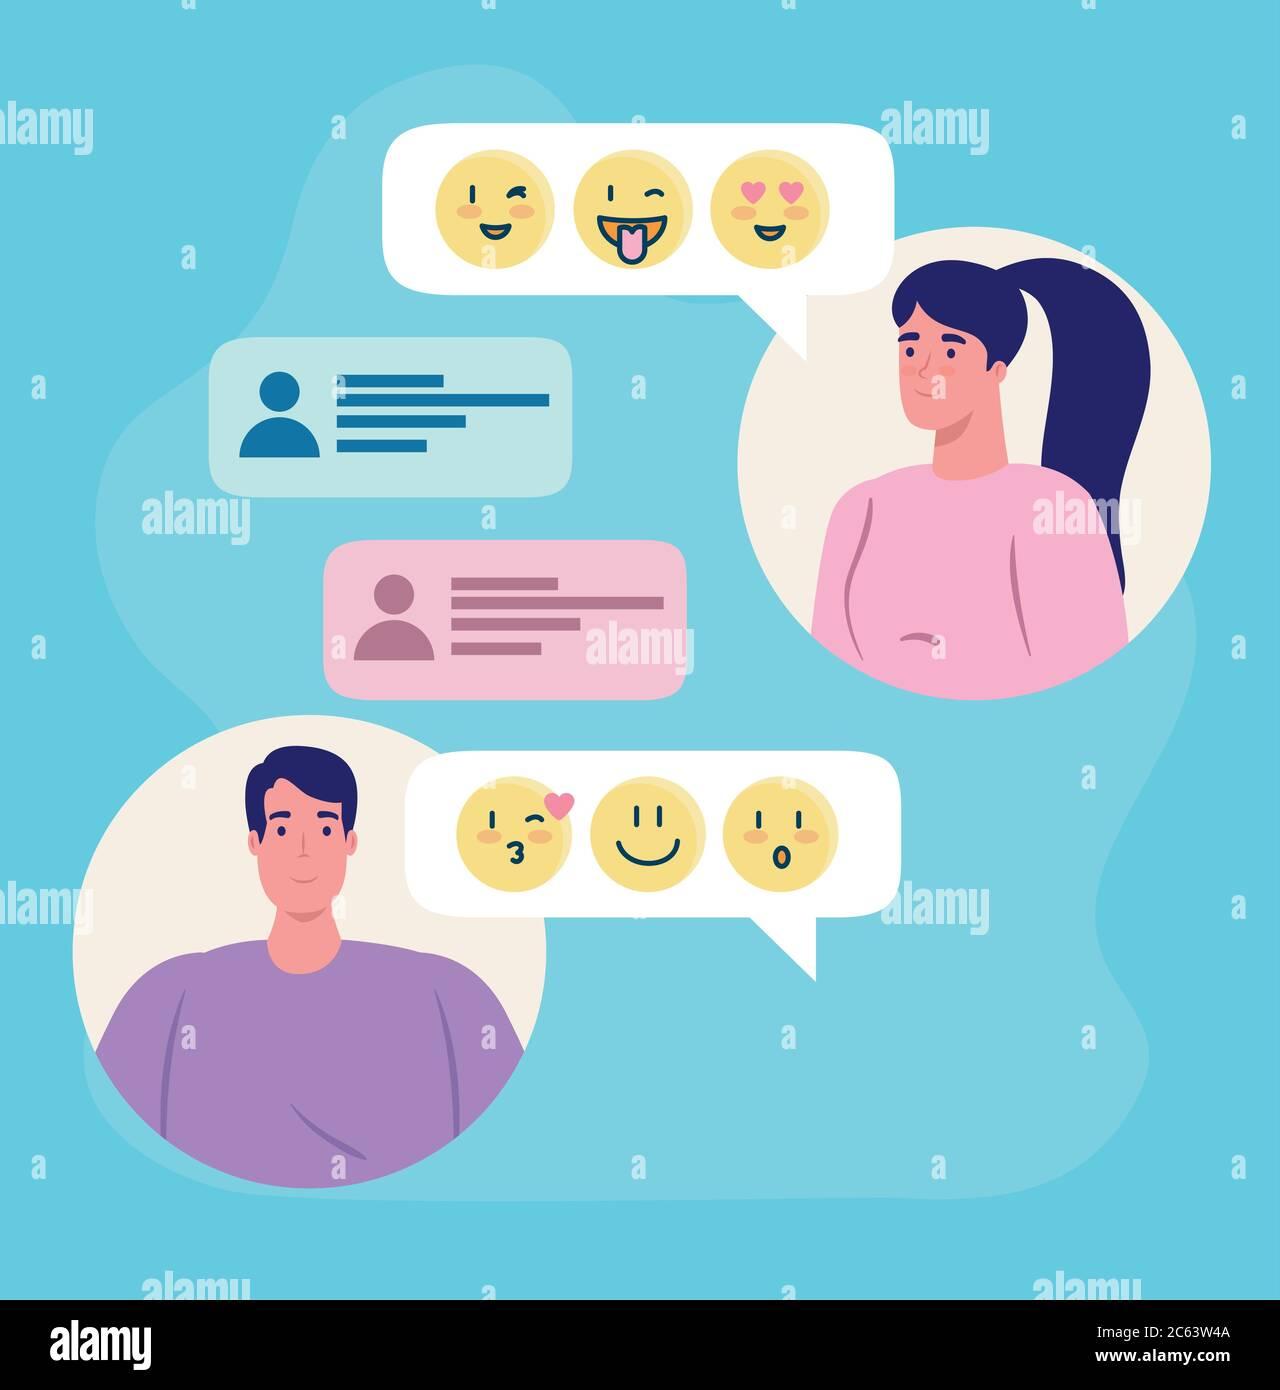 aplicación de servicio de citas en línea, chat de mujer y hombre con emoyis, gente moderna buscando pareja, medios sociales, relación virtual Ilustración del Vector